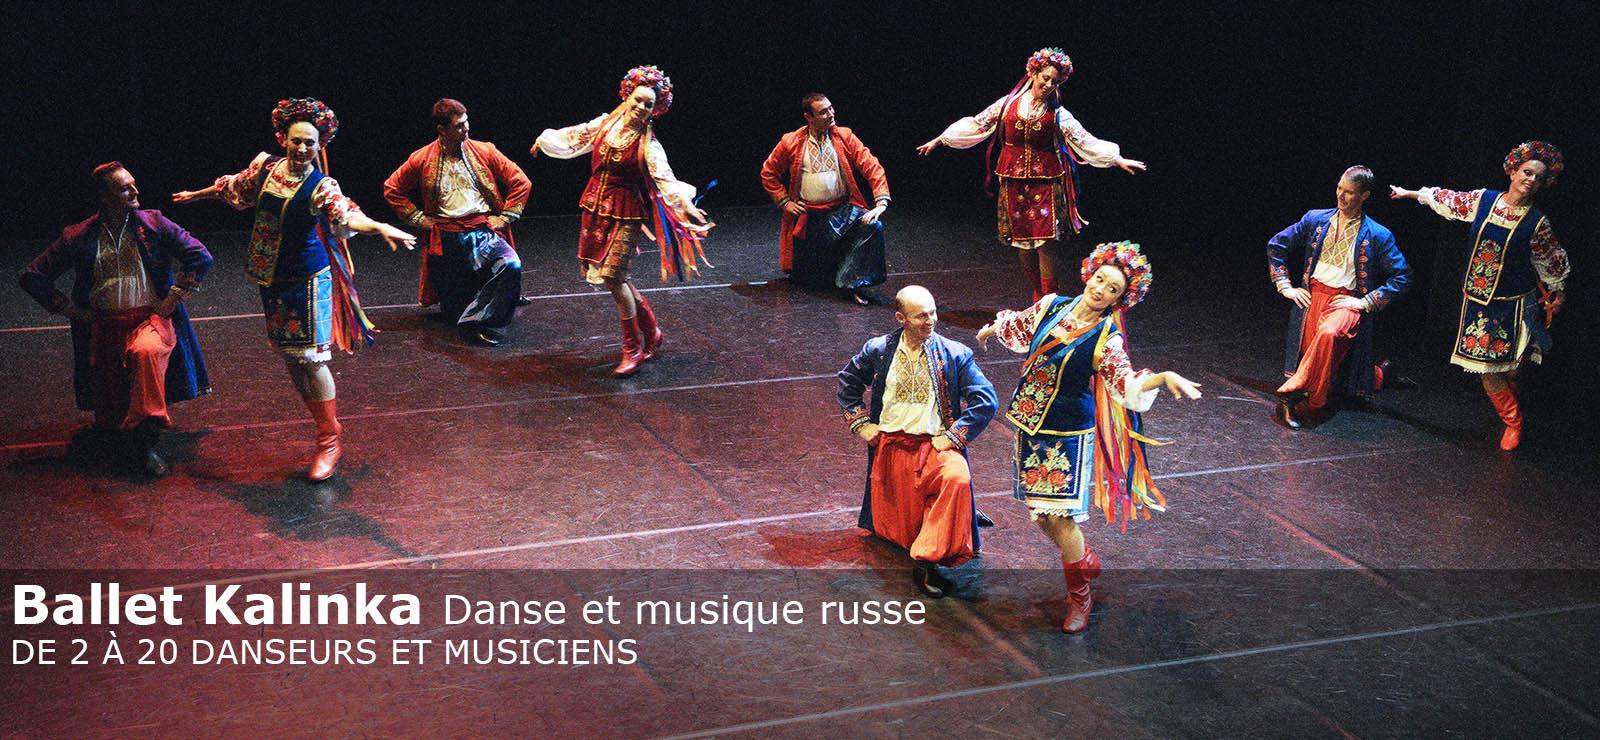 1-Ballet_Kalinka.jpg